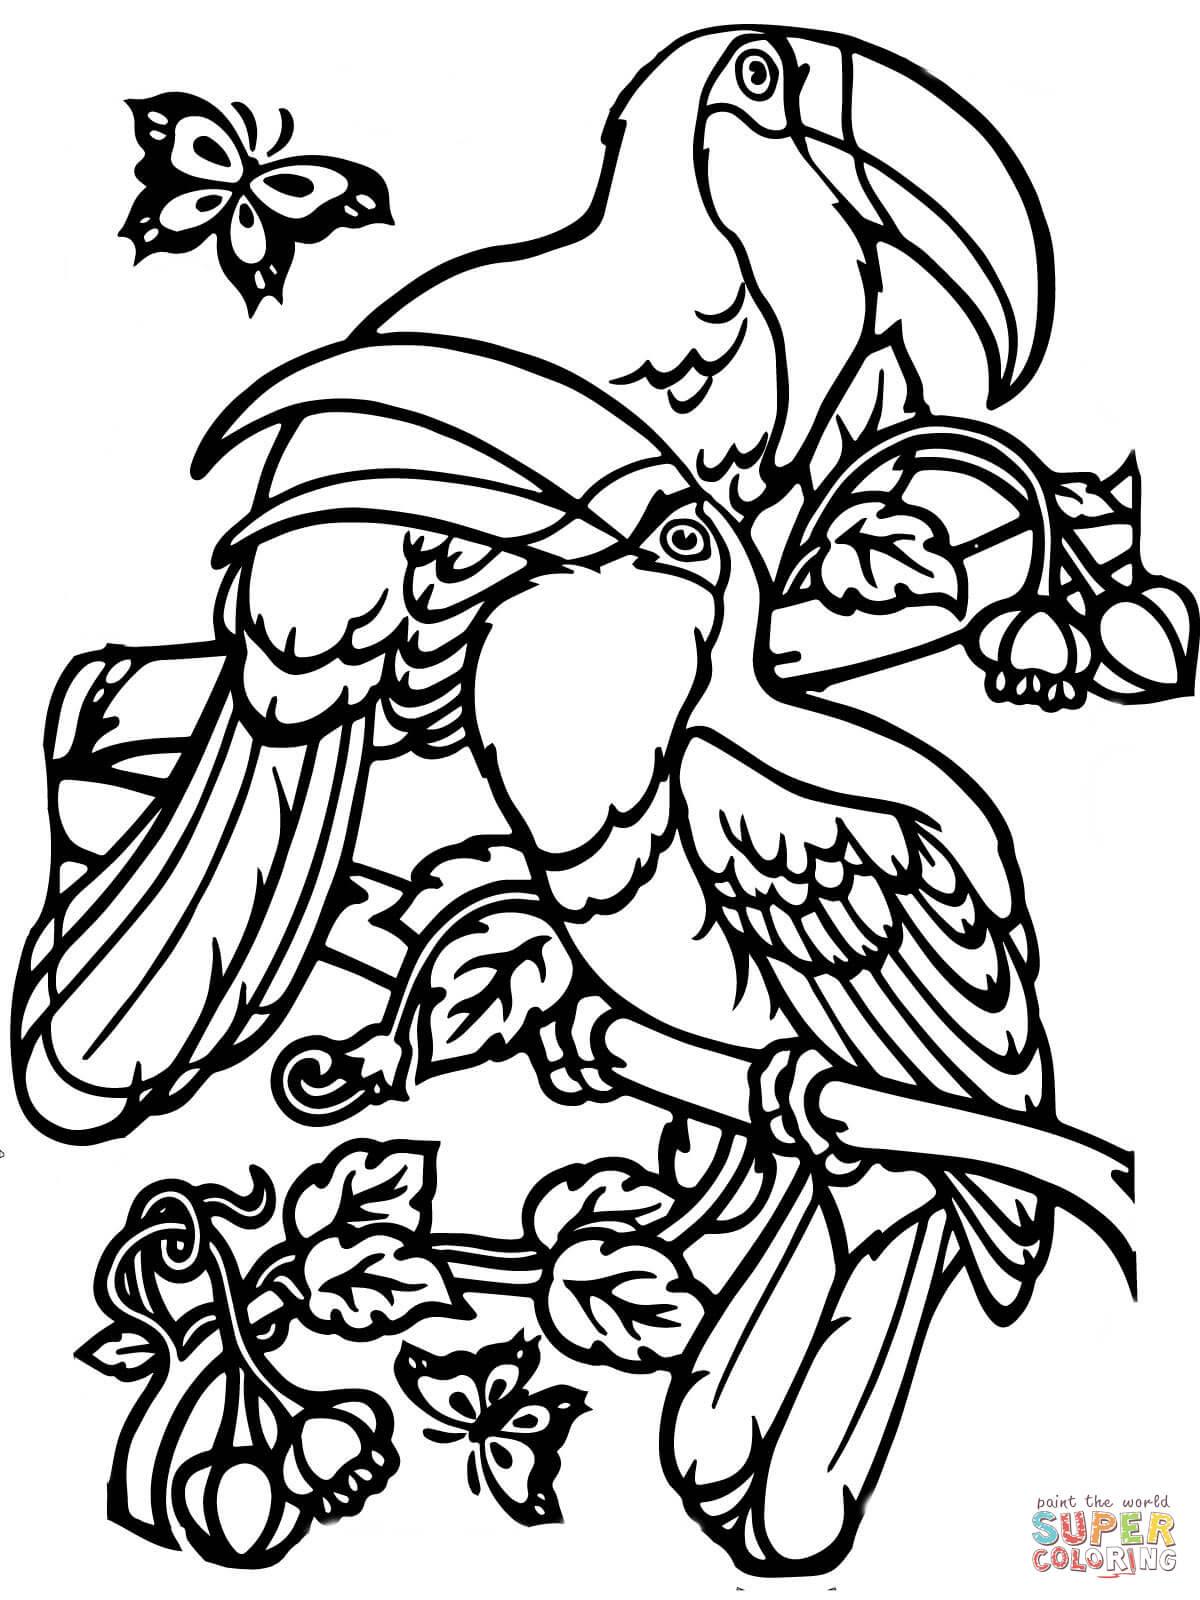 Dibujo De Dos Tucanes Para Colorear Dibujos Para Colorear Imprimir